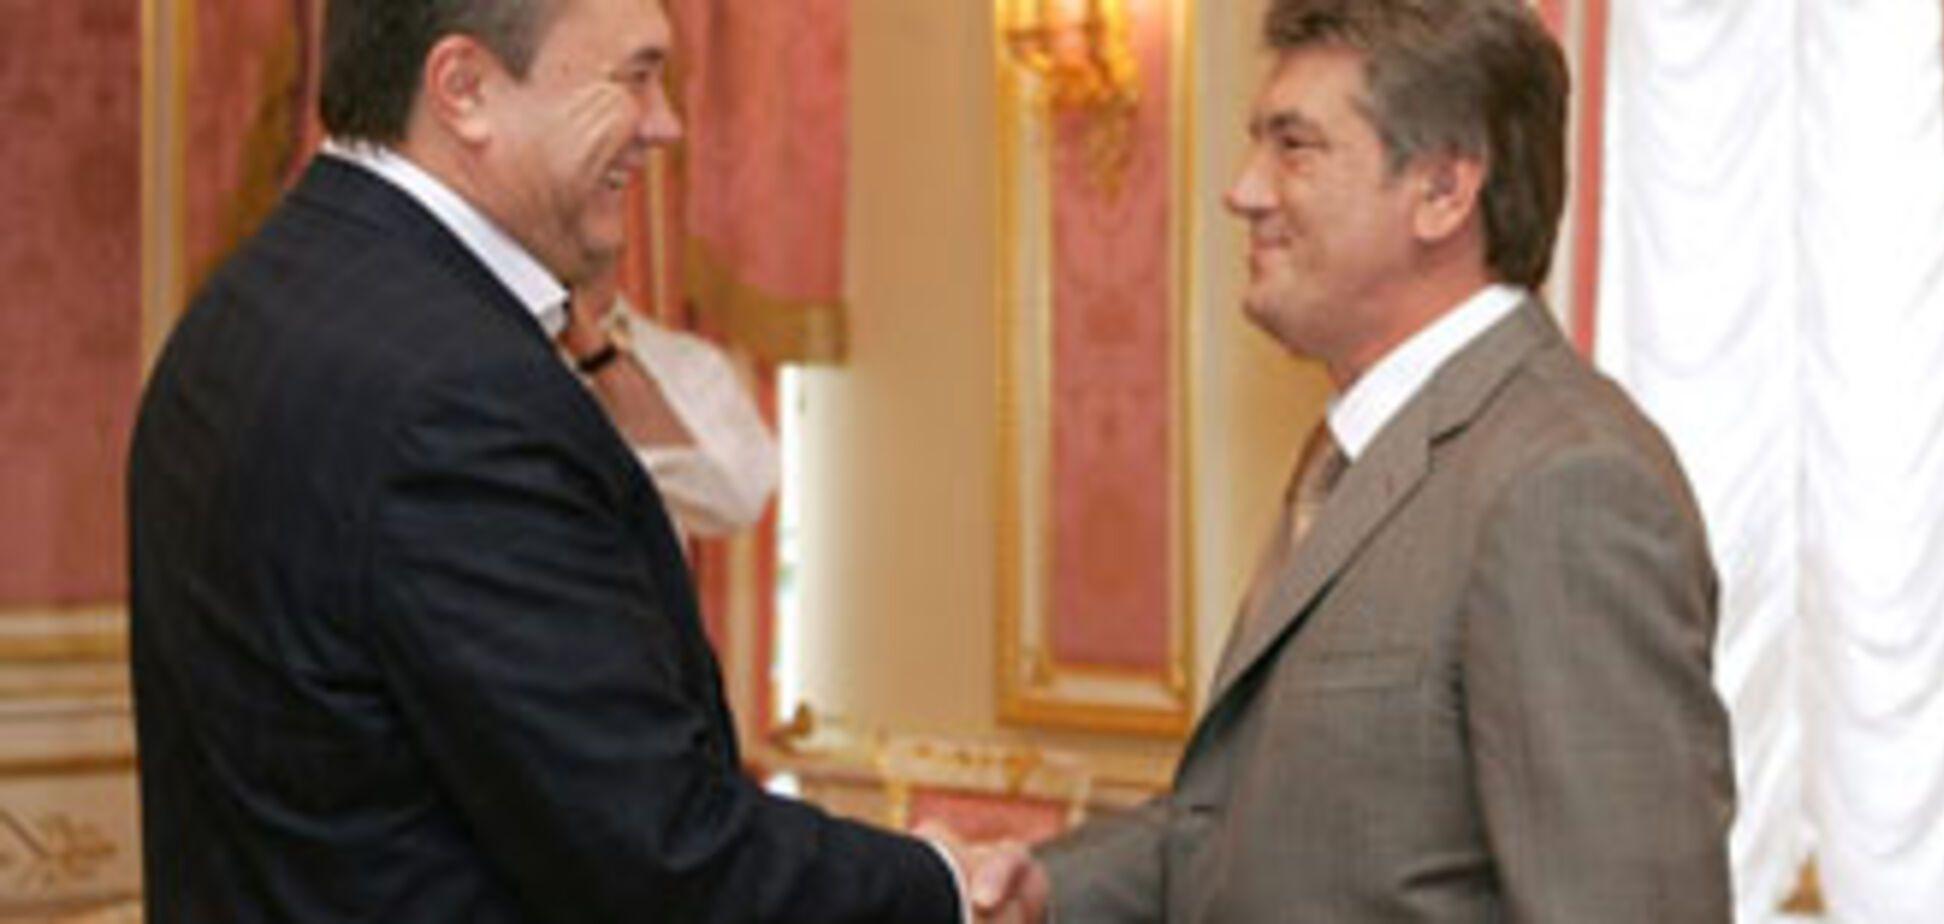 Лідери України плутають особисту релігію з державною